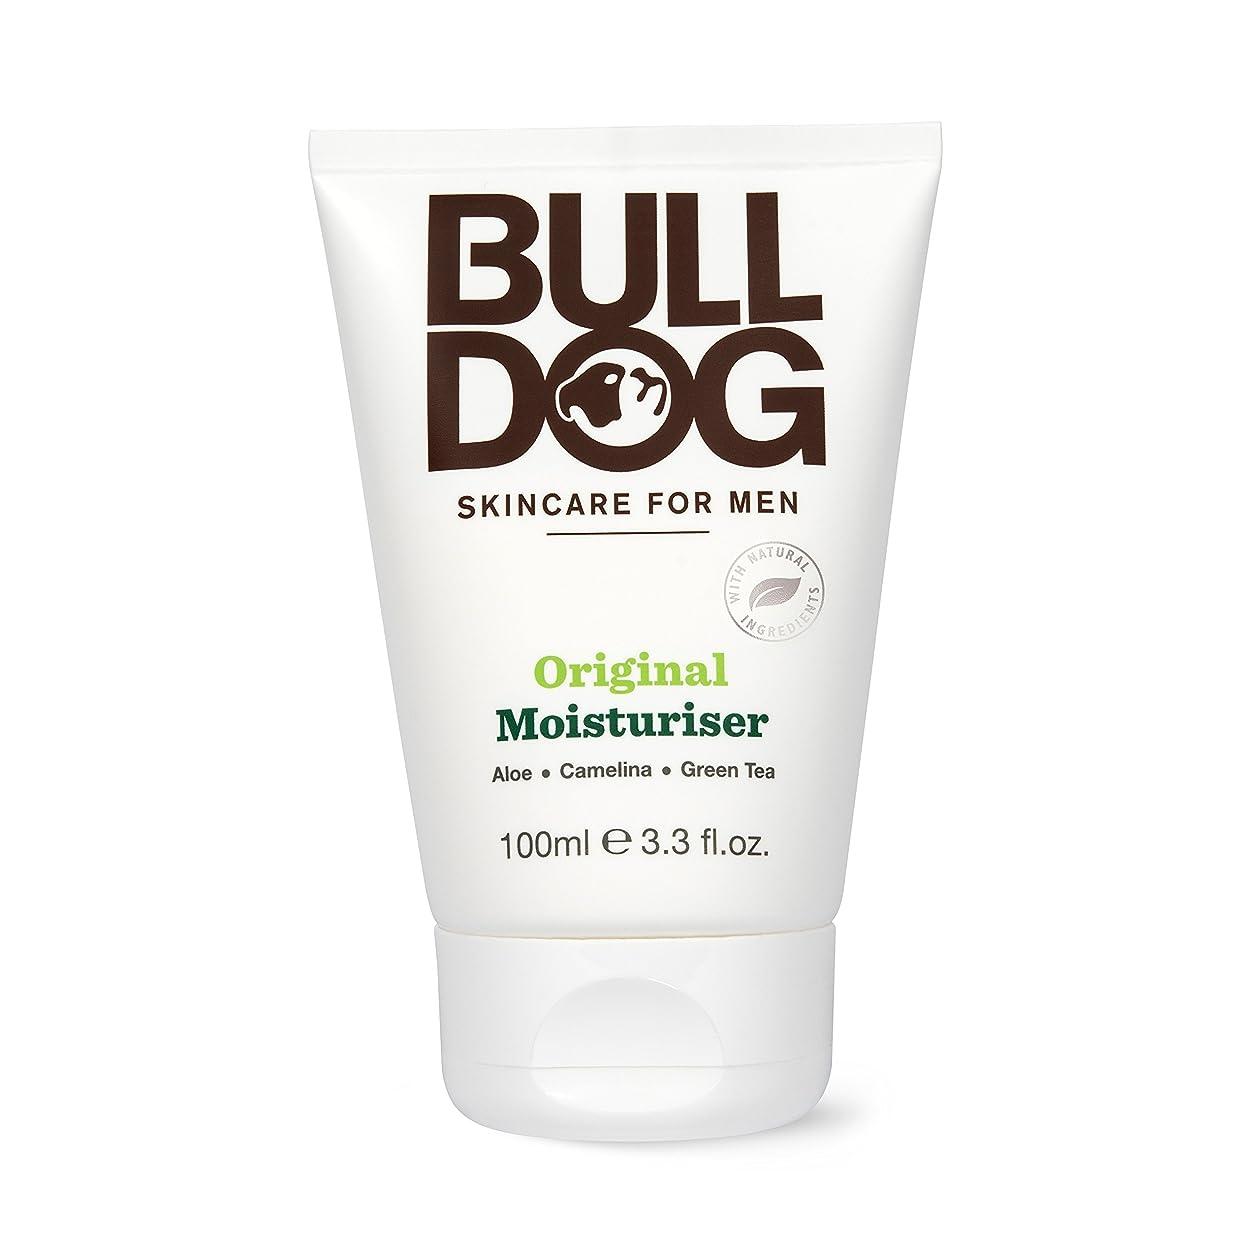 リーチ疑わしい暗殺者ブルドッグ Bulldog オリジナル モイスチャライザー(保湿クリーム) 100mL